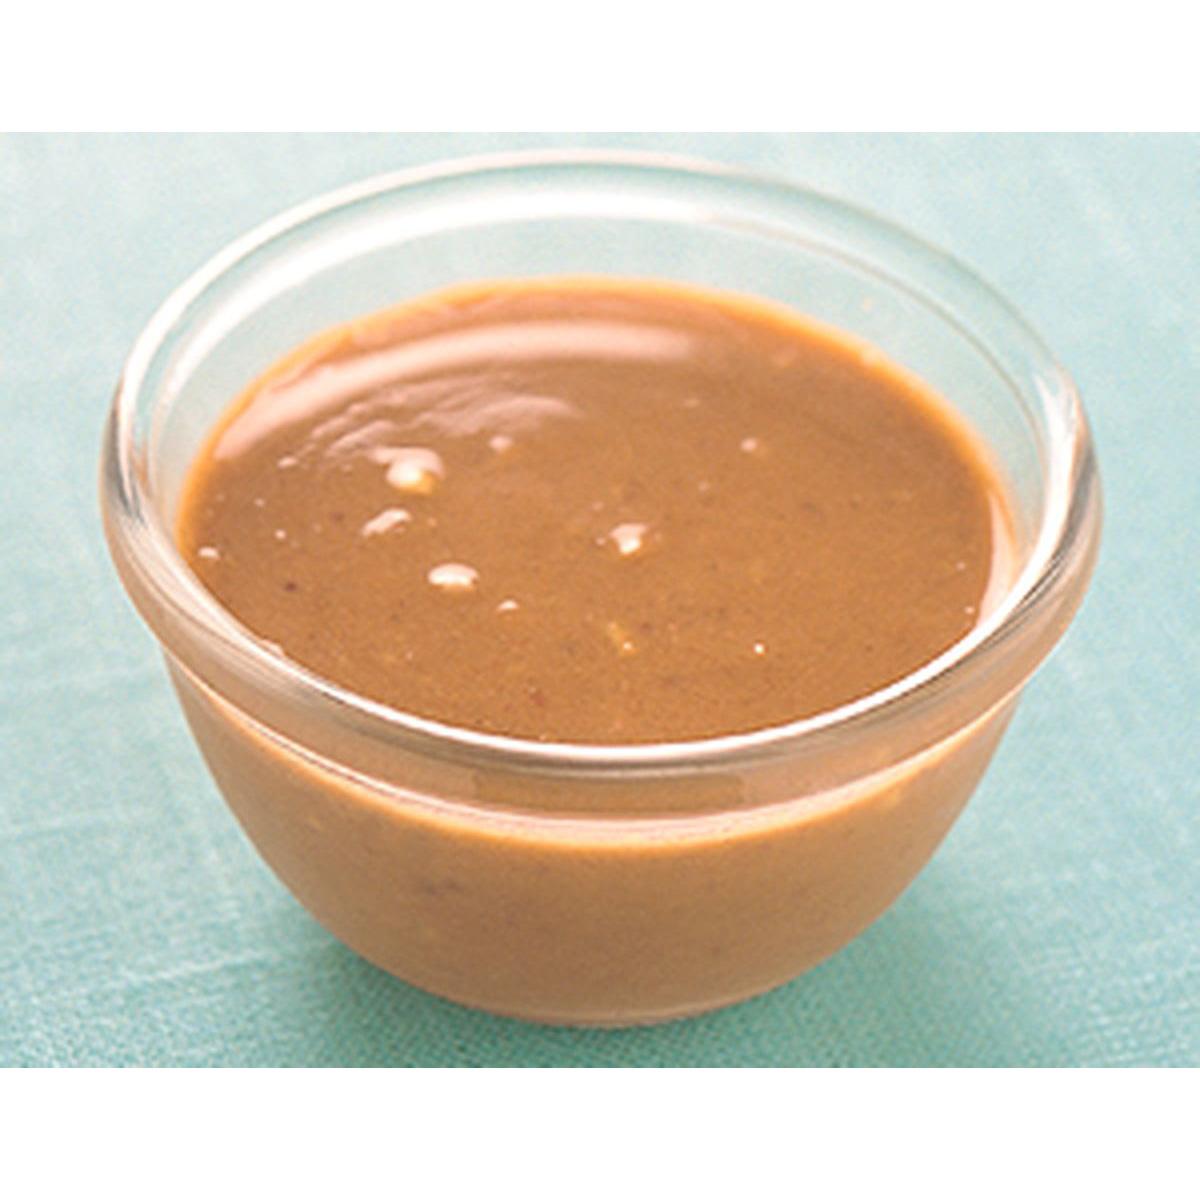 食譜:中華麵基本醬汁(芝麻醬口味)